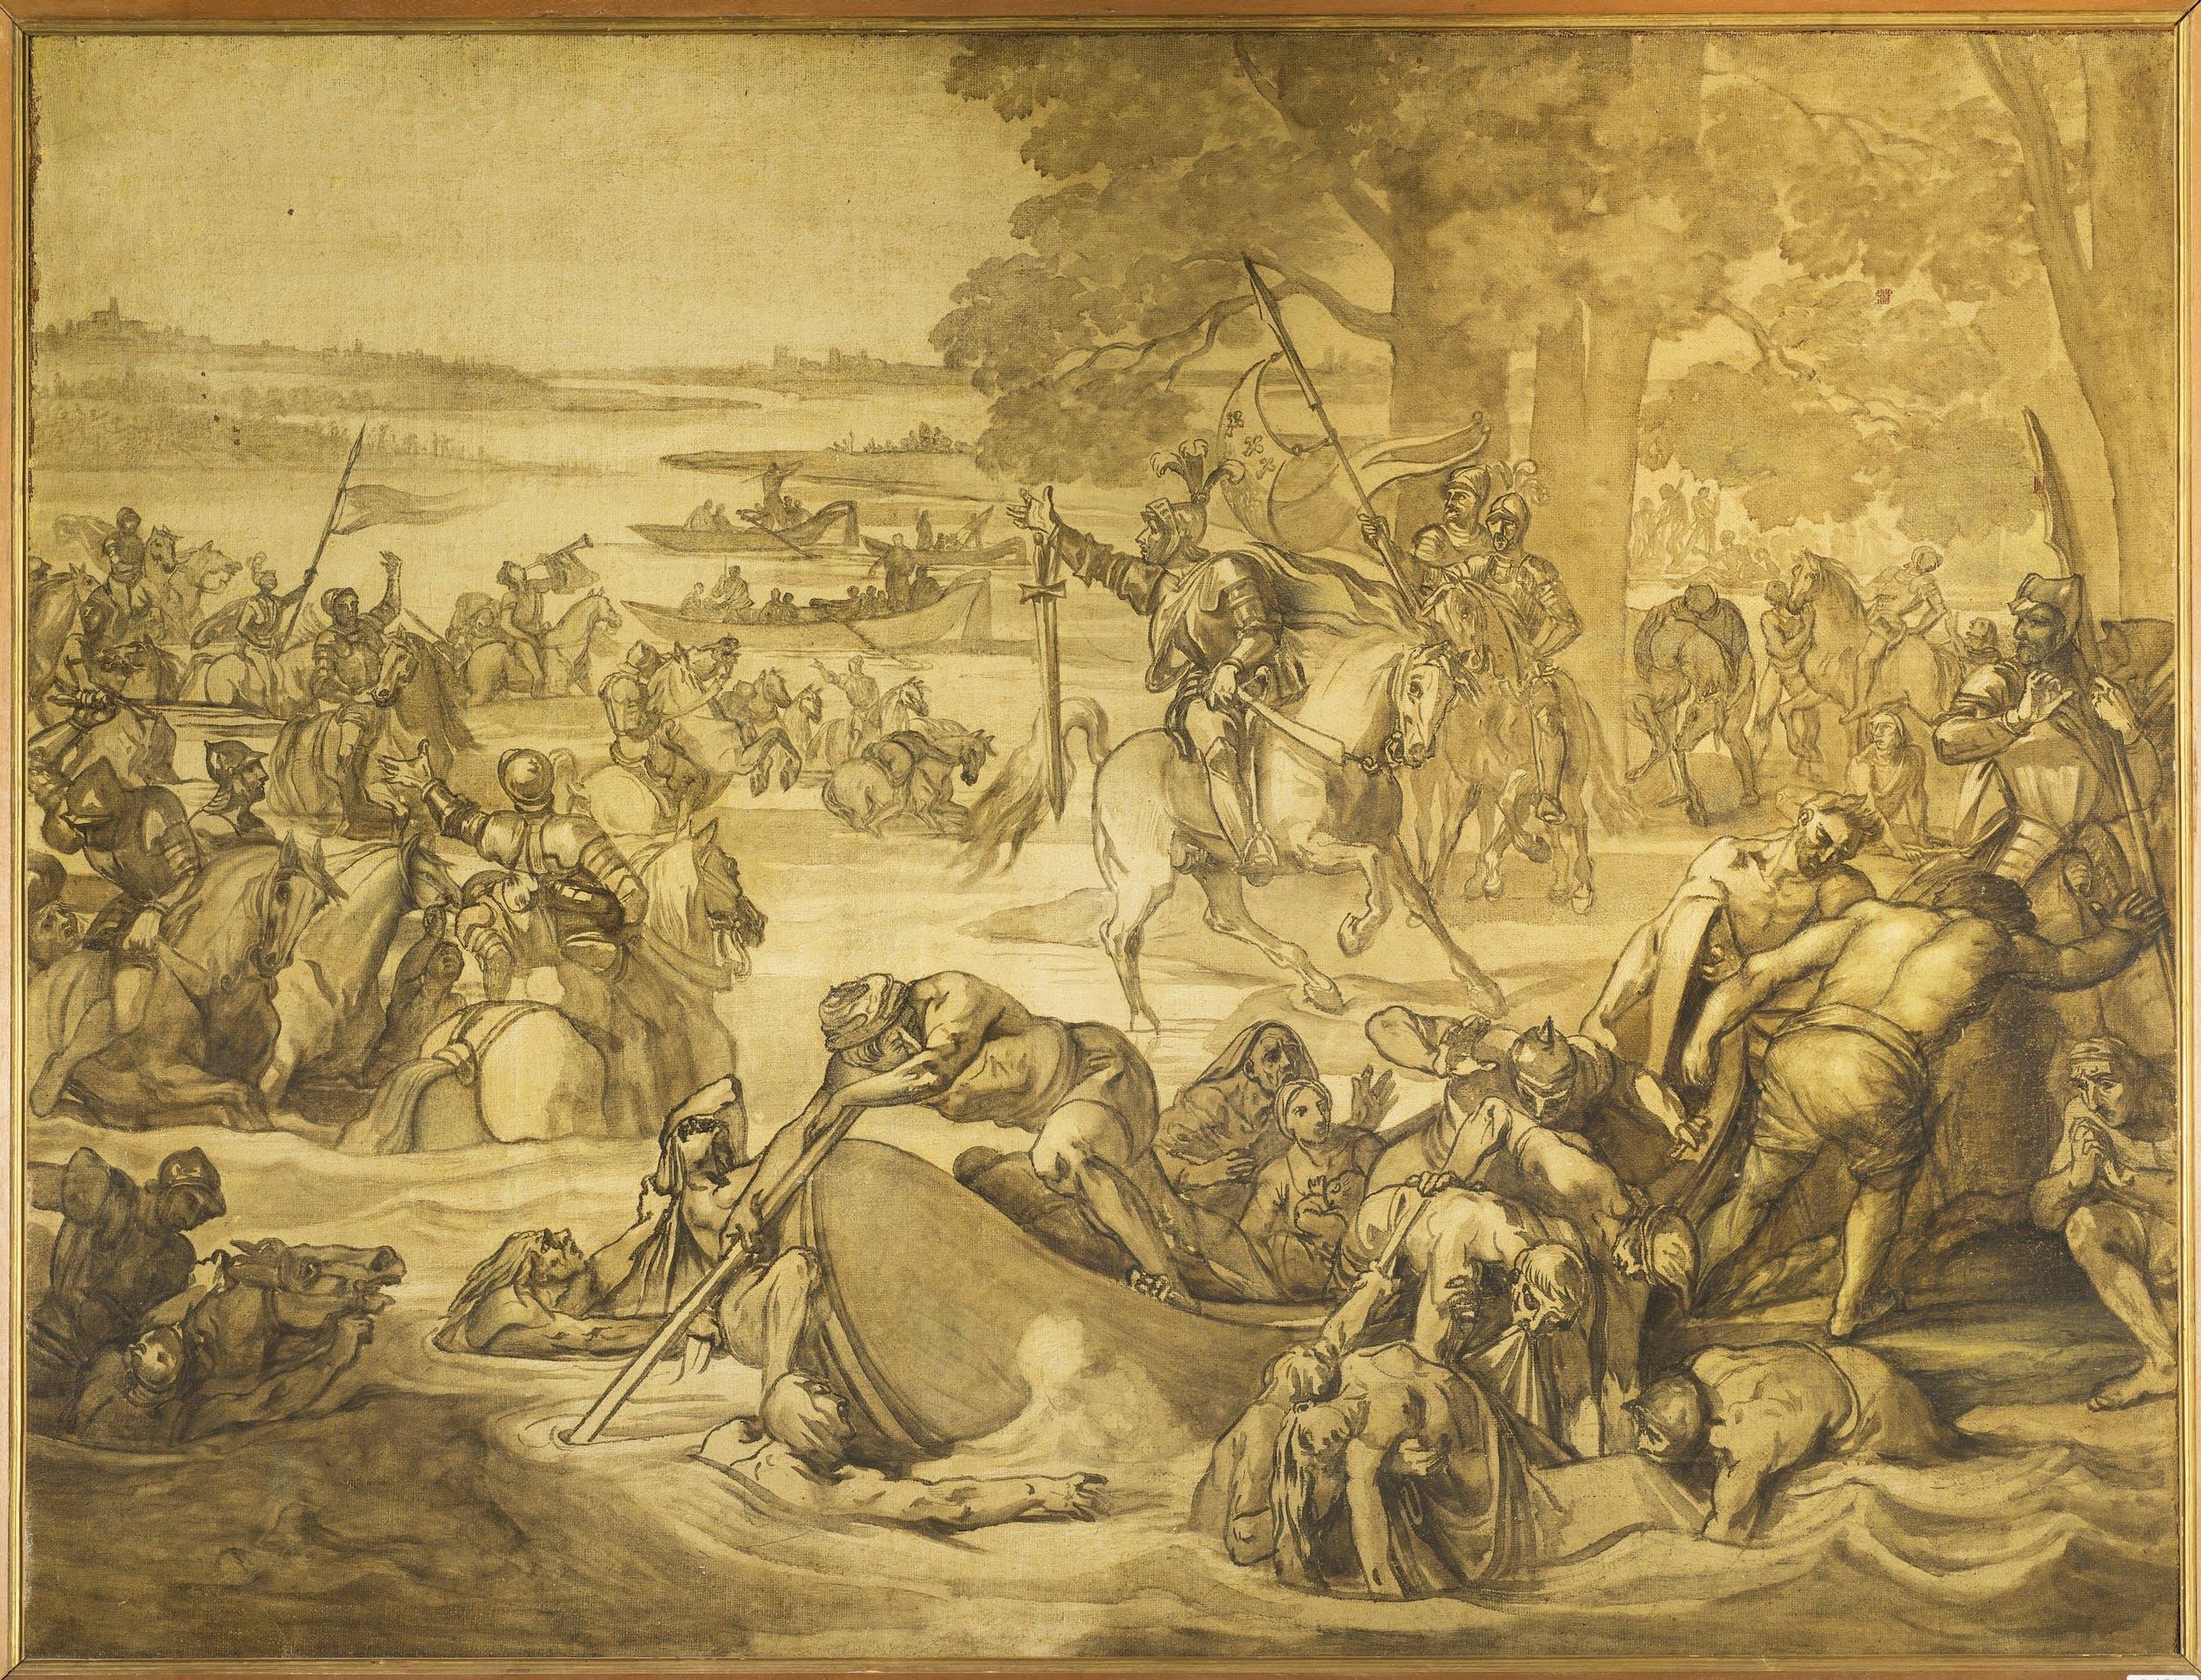 Giuseppe Bezzuoli (1789-1855), Bozzetto preparatorio per il dipinto 'Giovanni delle Bande Nere al passaggio dell'Adda'  1852 ca.  olio su tela, cm 86,5x113,5